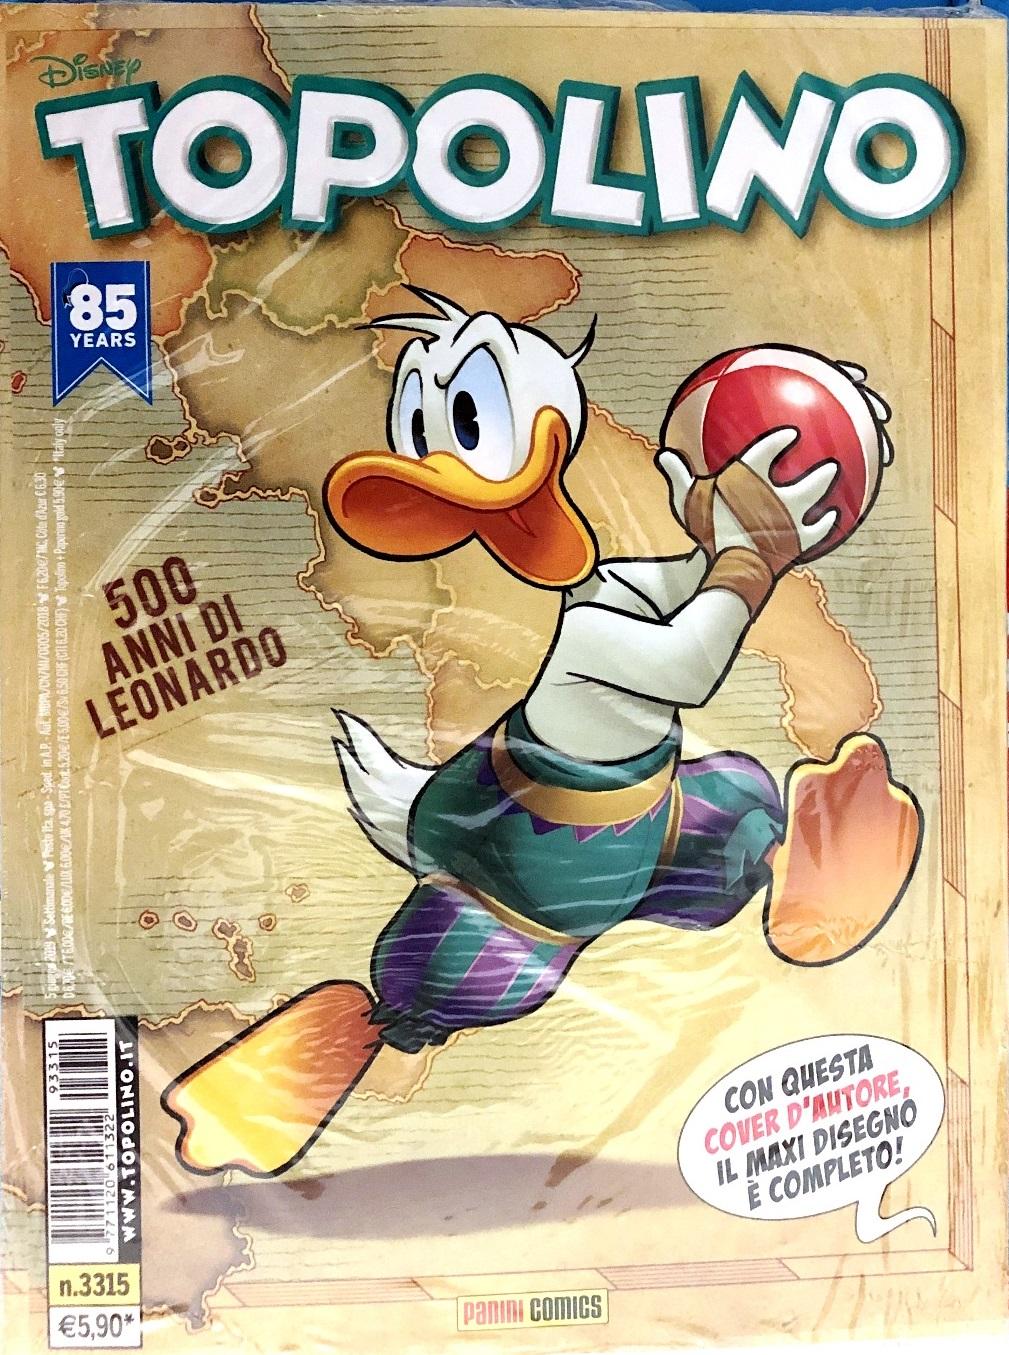 Topolino n. 3315